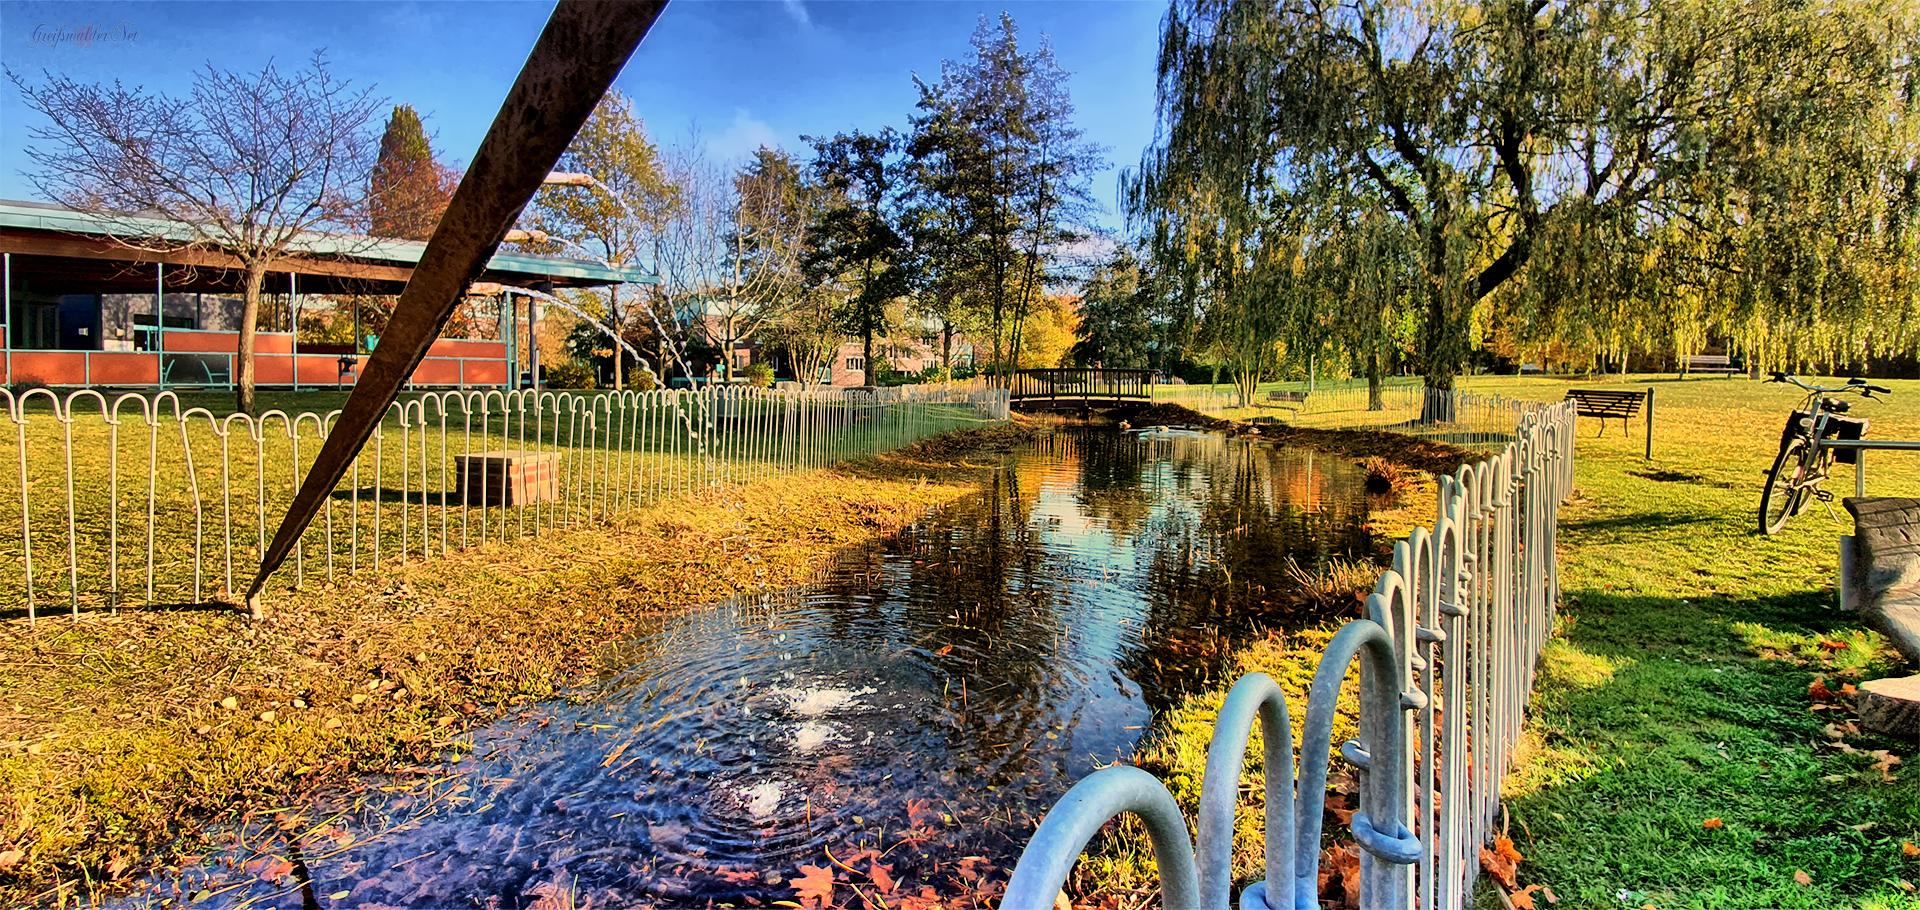 Ort zum Verweilen - Herbststimmung in Greifswald